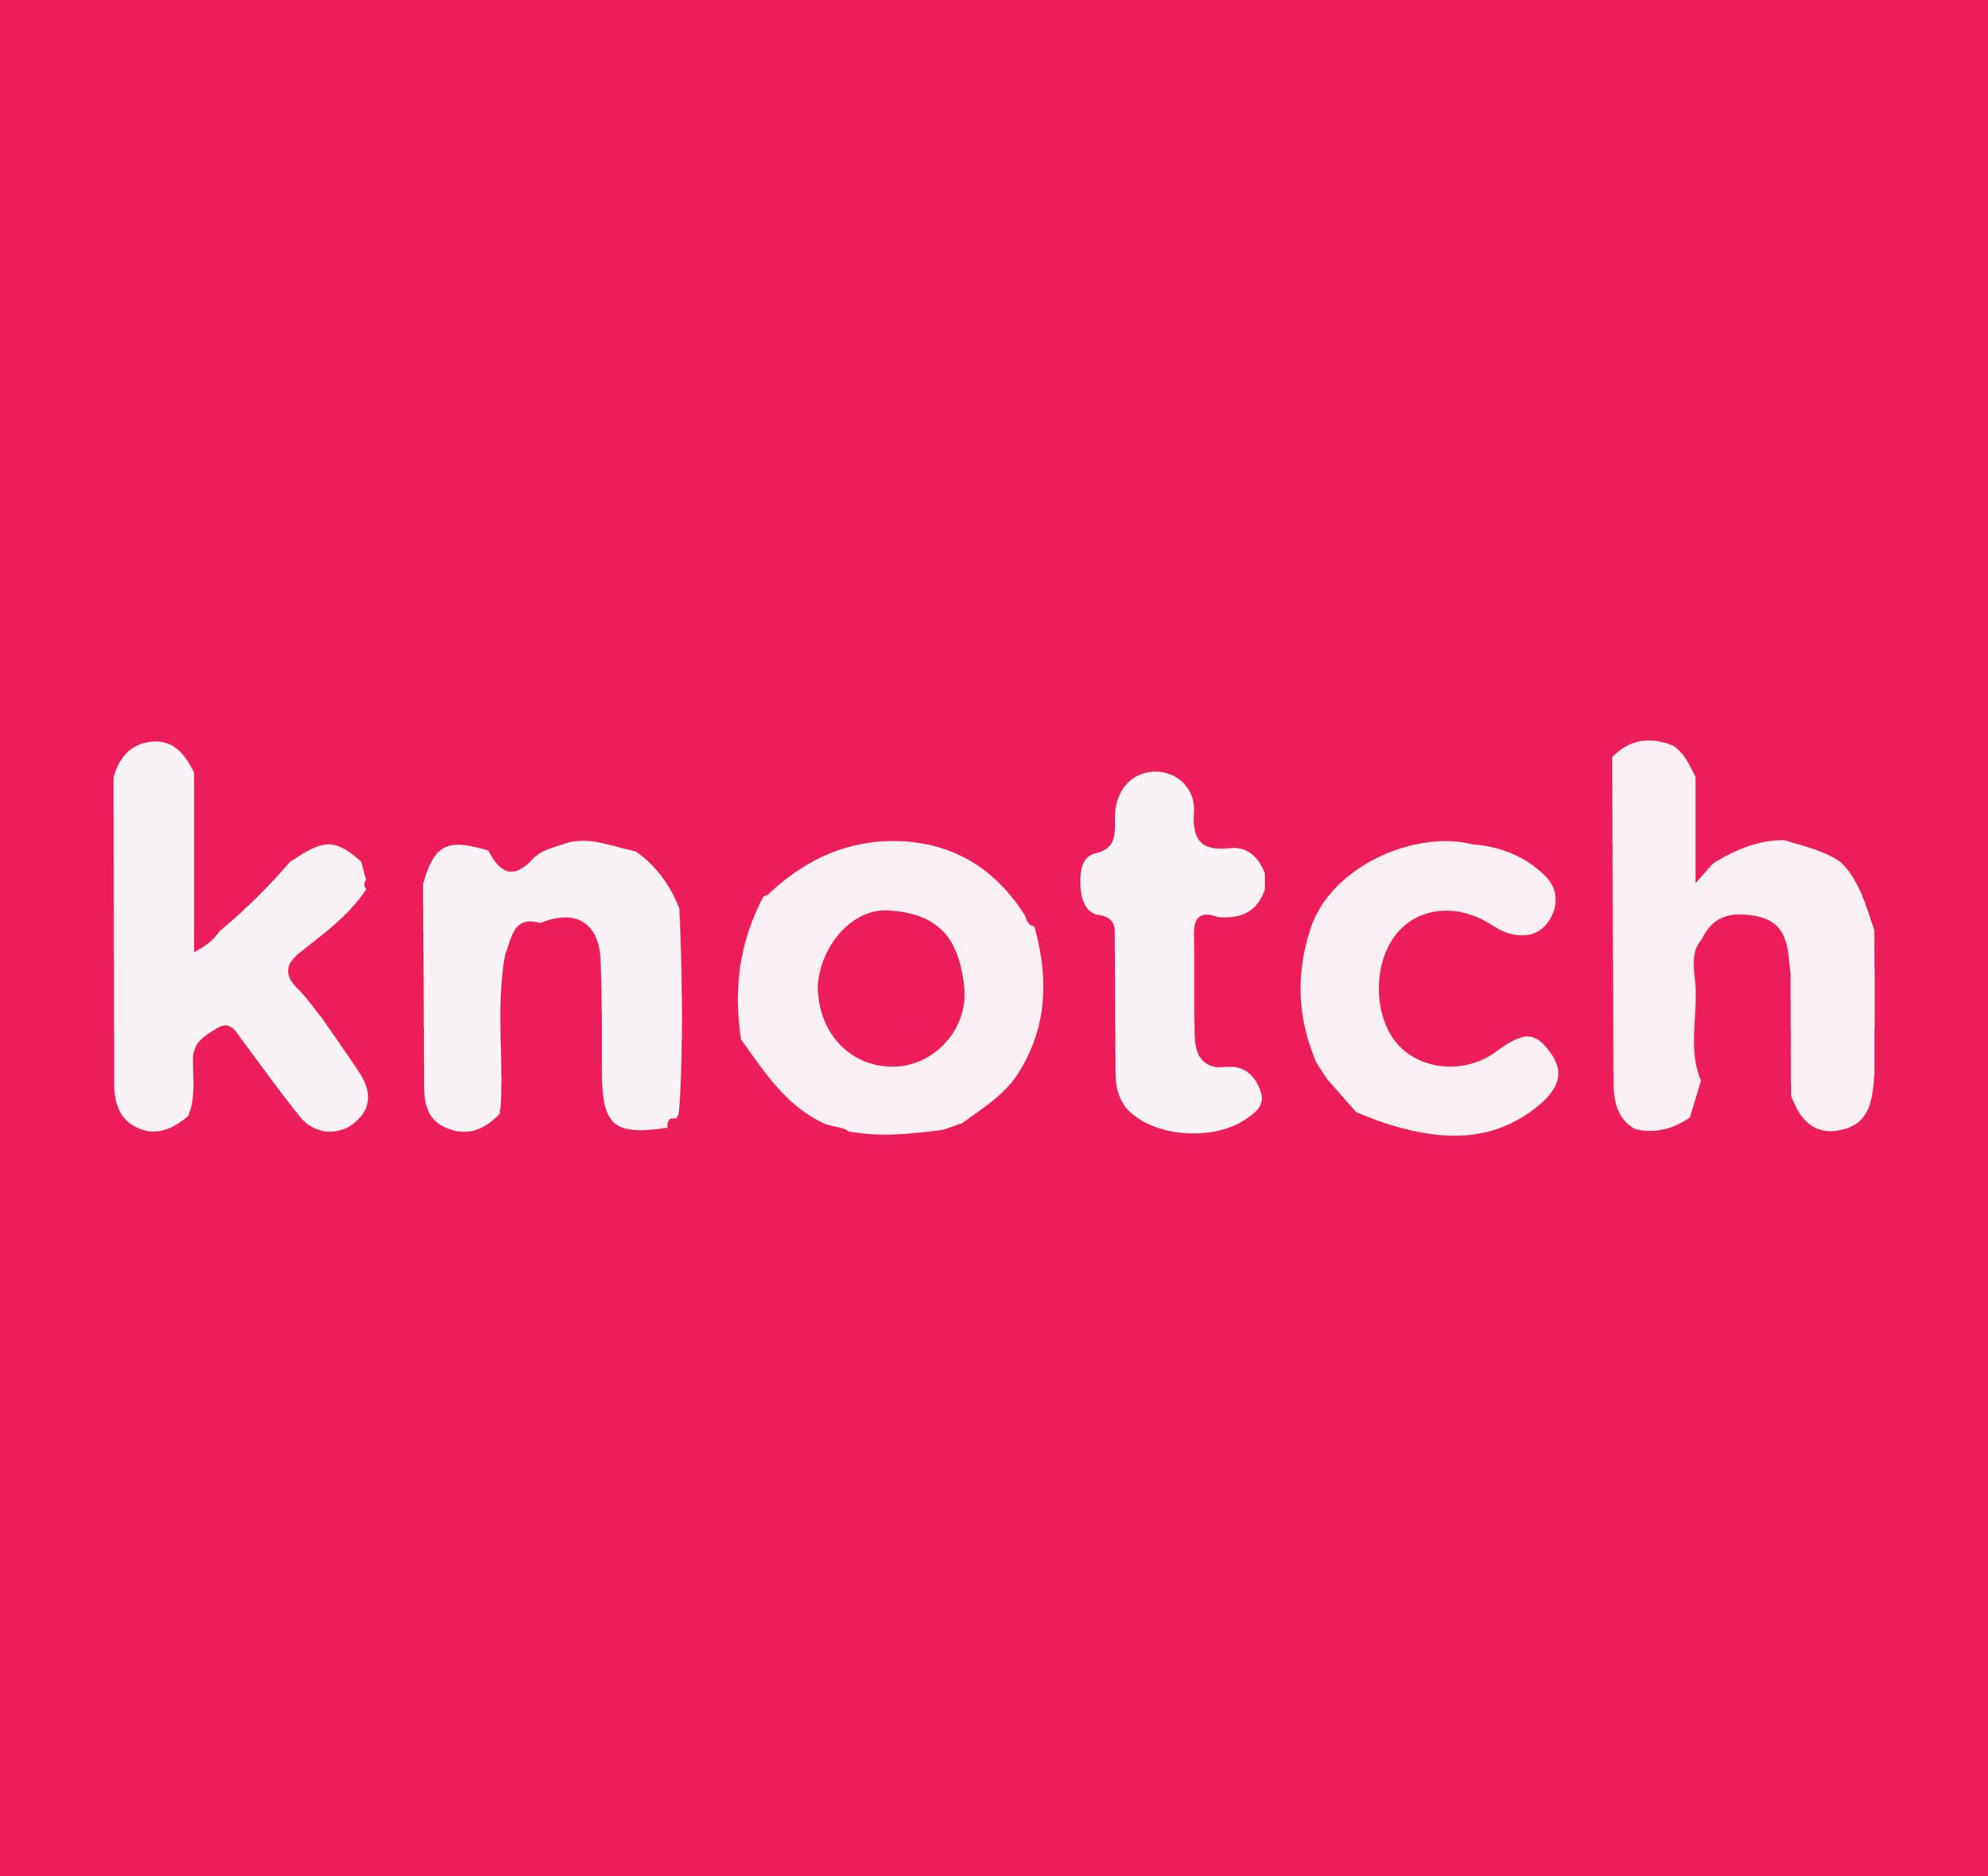 Logo_Knotch.png